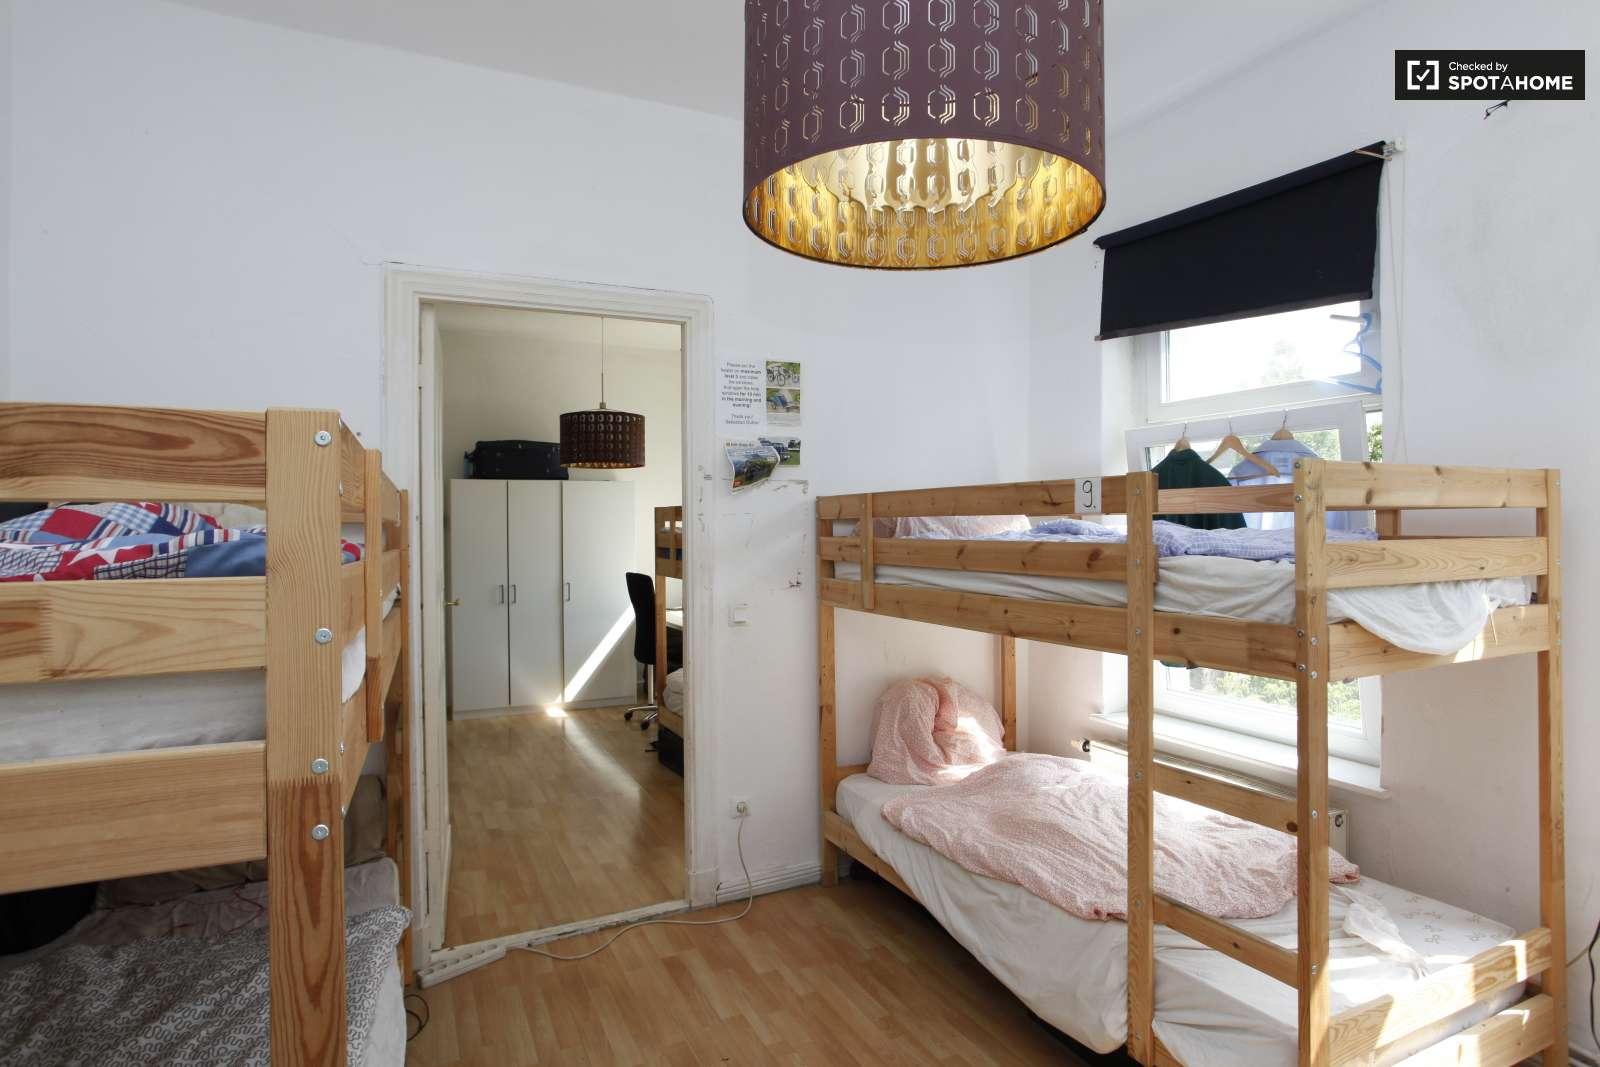 Bunk Beds In Rooms For Rent In Flatshare Near S Bahn Treptow Kopenick Berlin Room For Rent Berlin